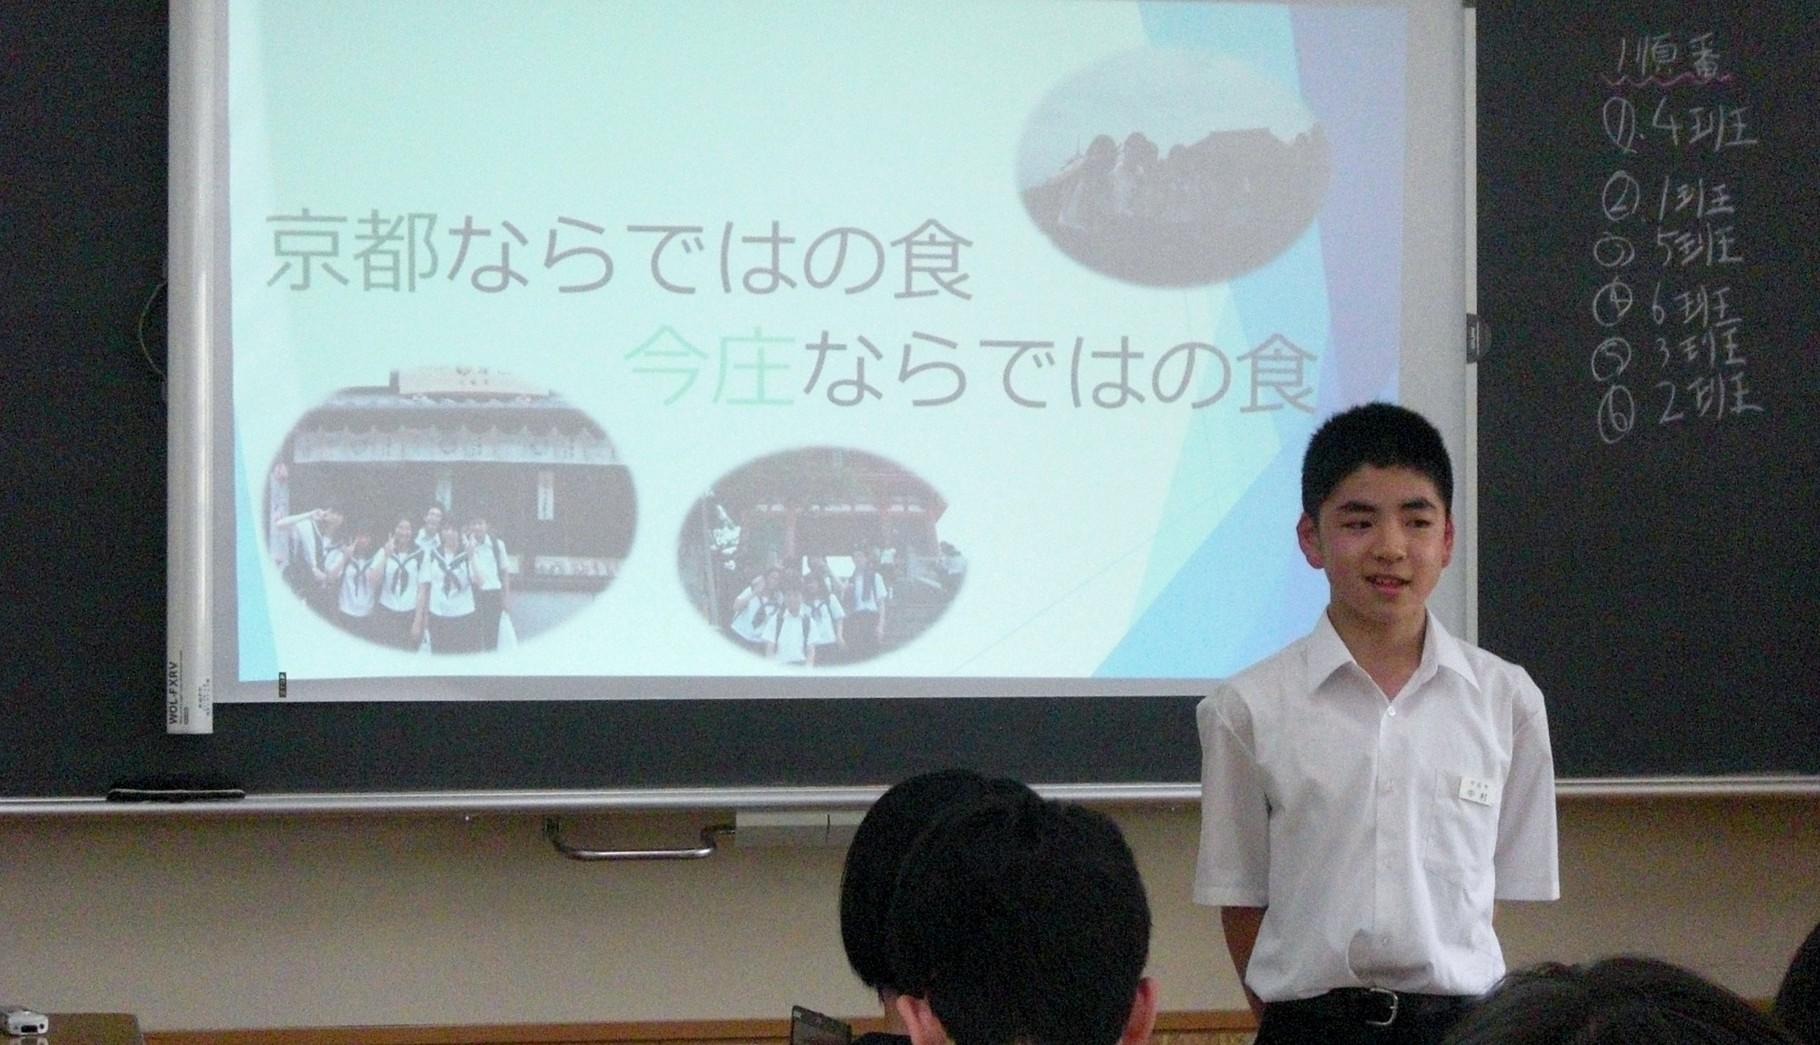 今庄宿マップ作成研究(今庄中学校)